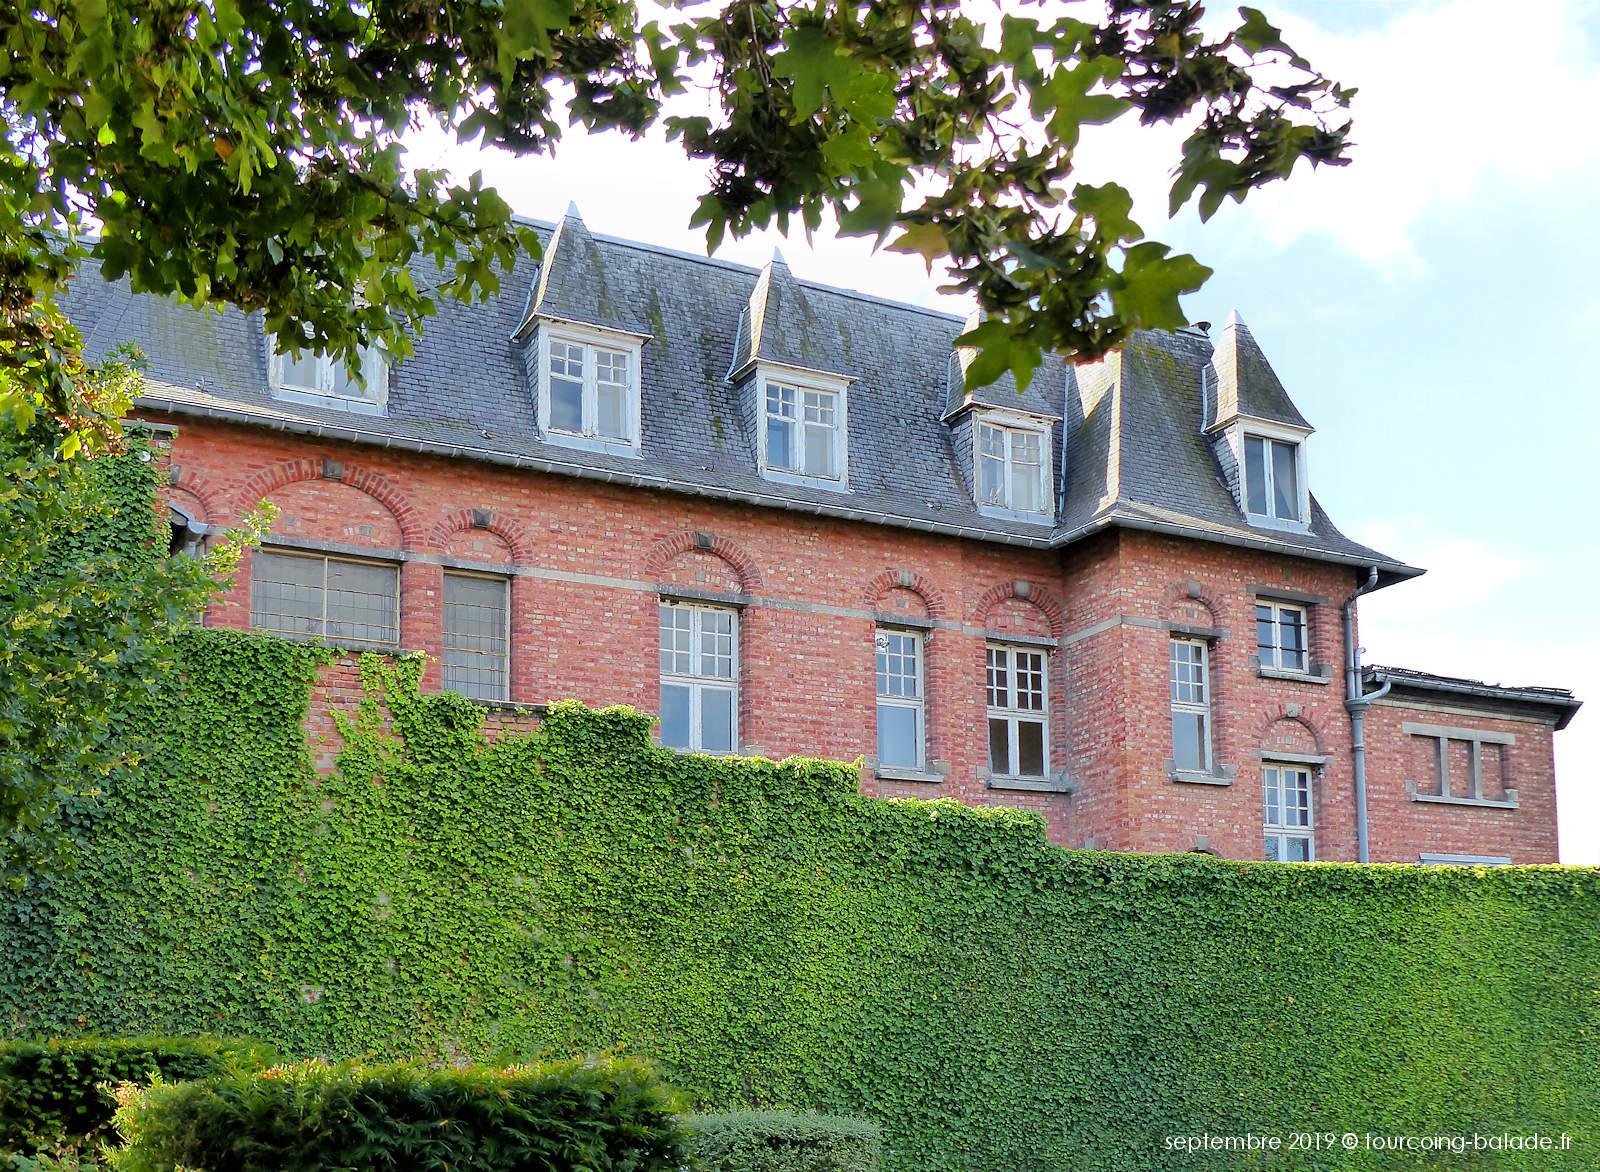 Tourcoing Rue Chanzy - Façade maison